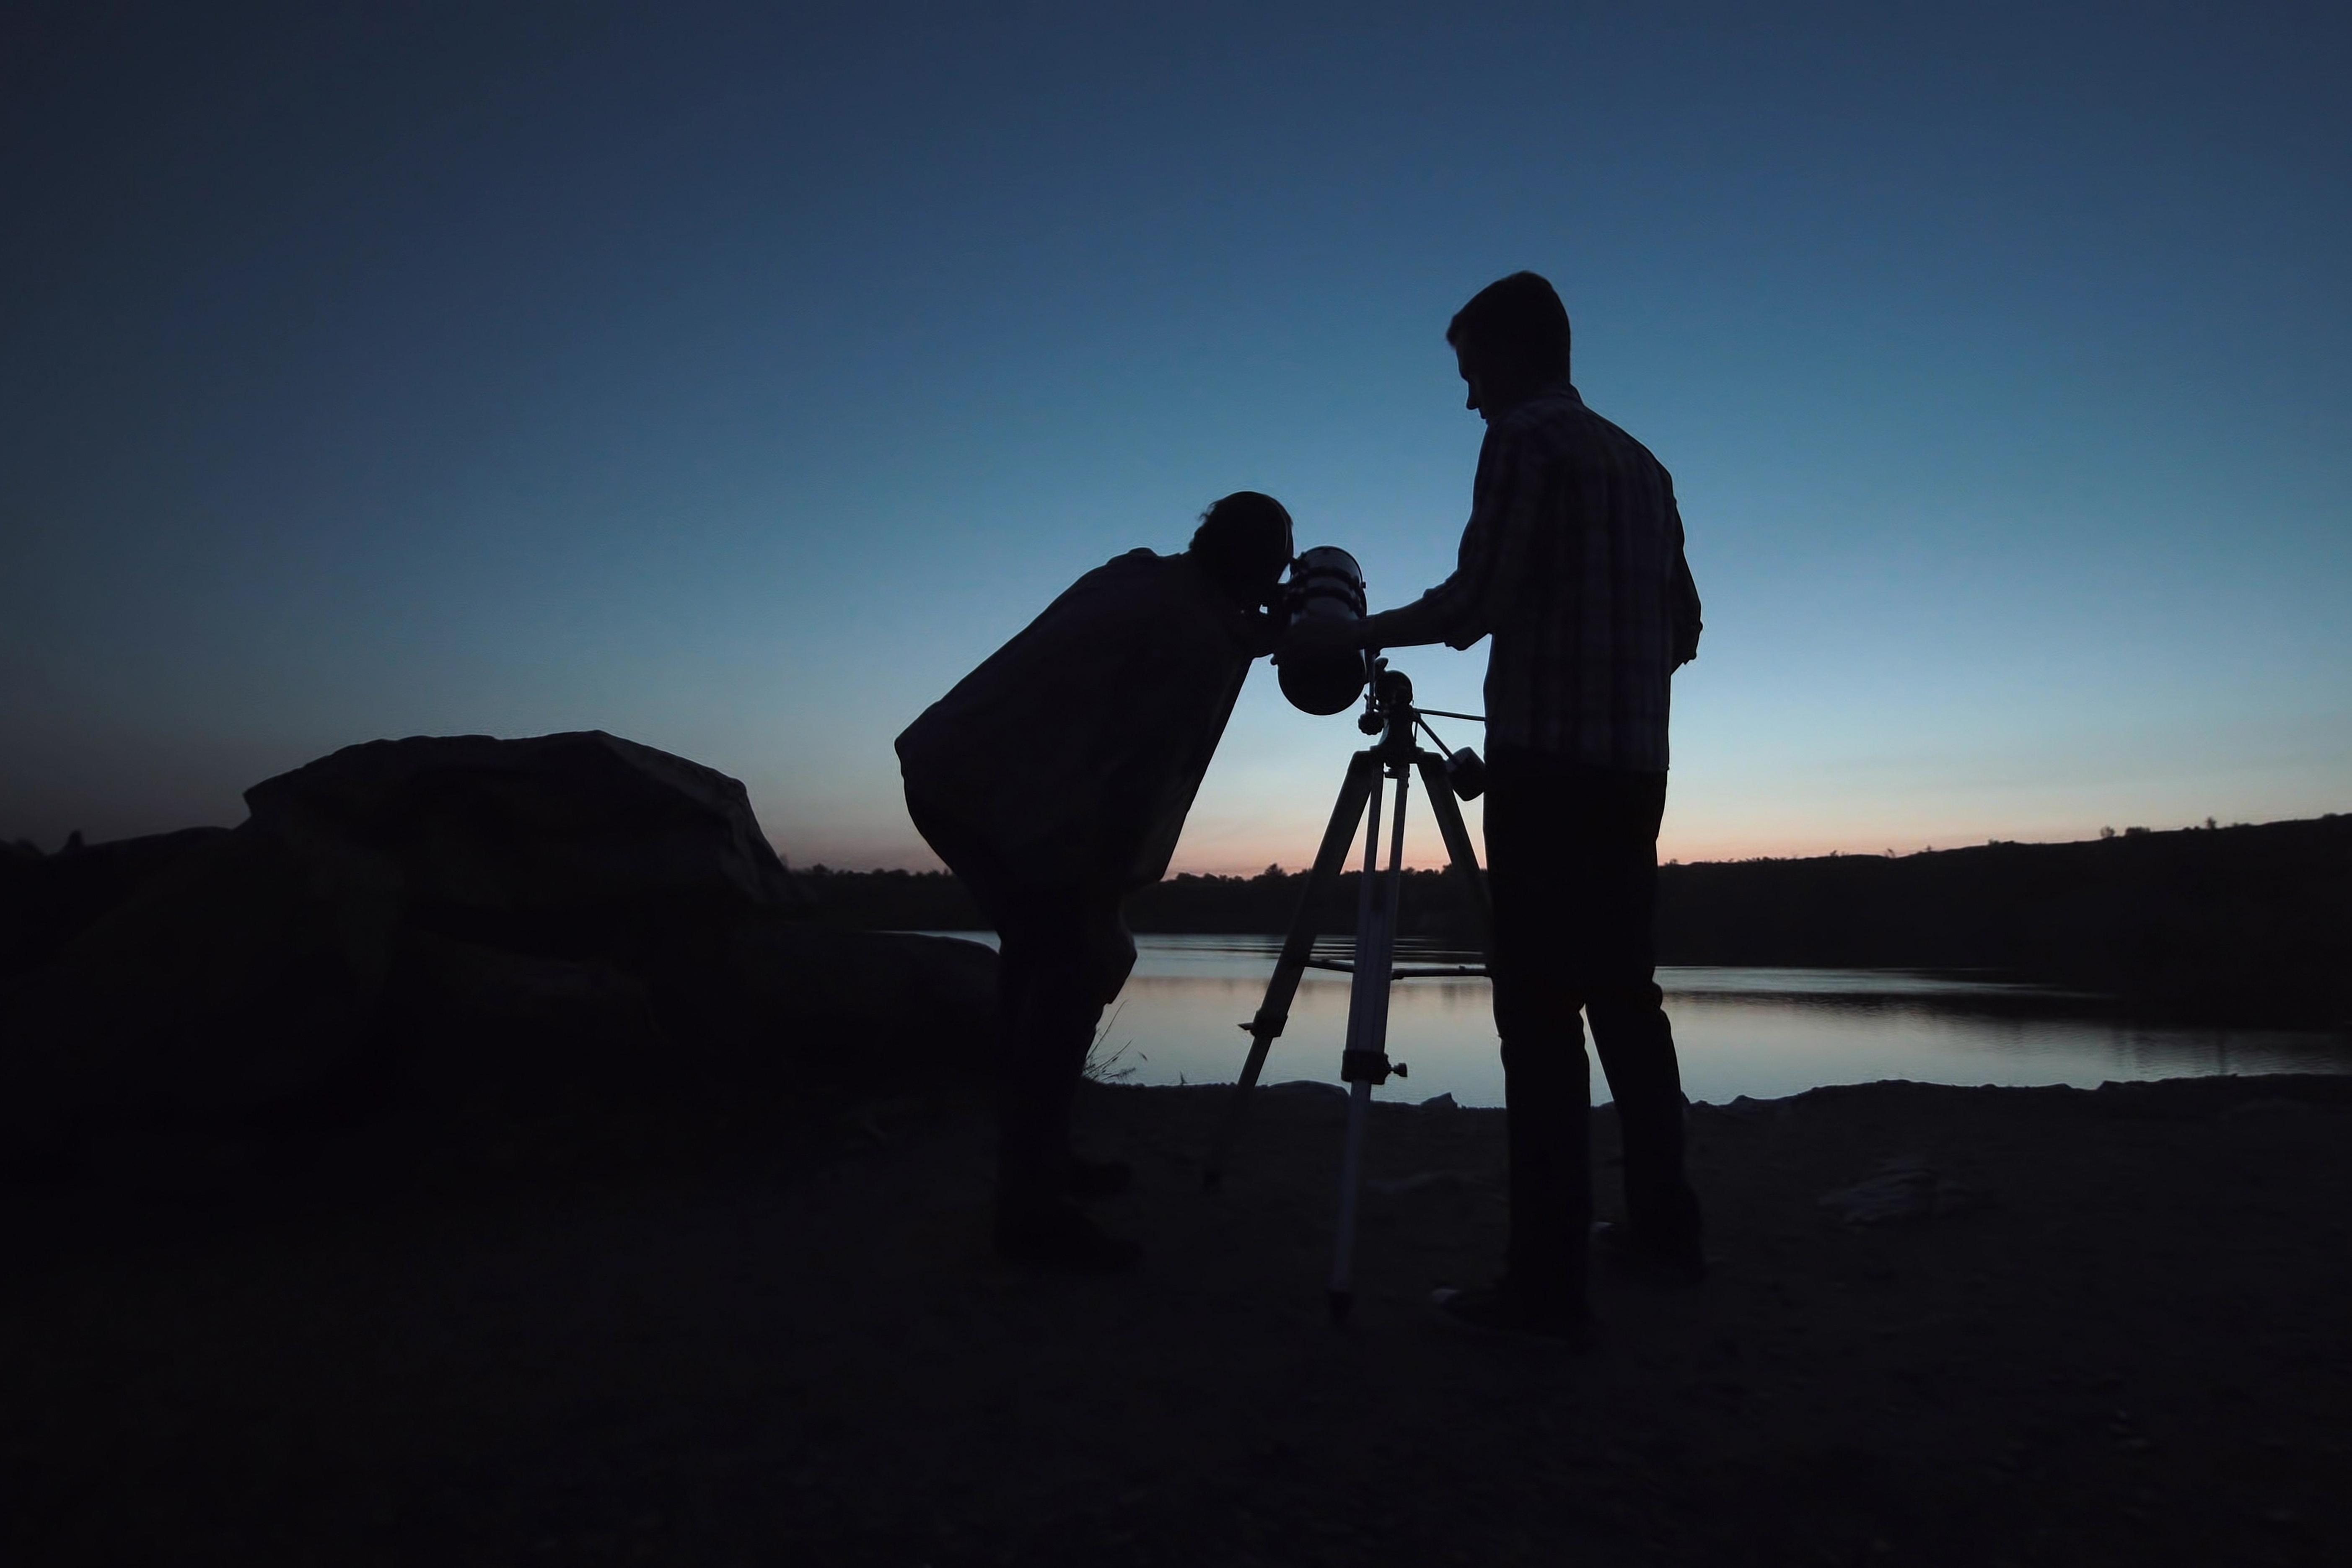 Nocna obserwacja nieba przy pomocy teleskopu